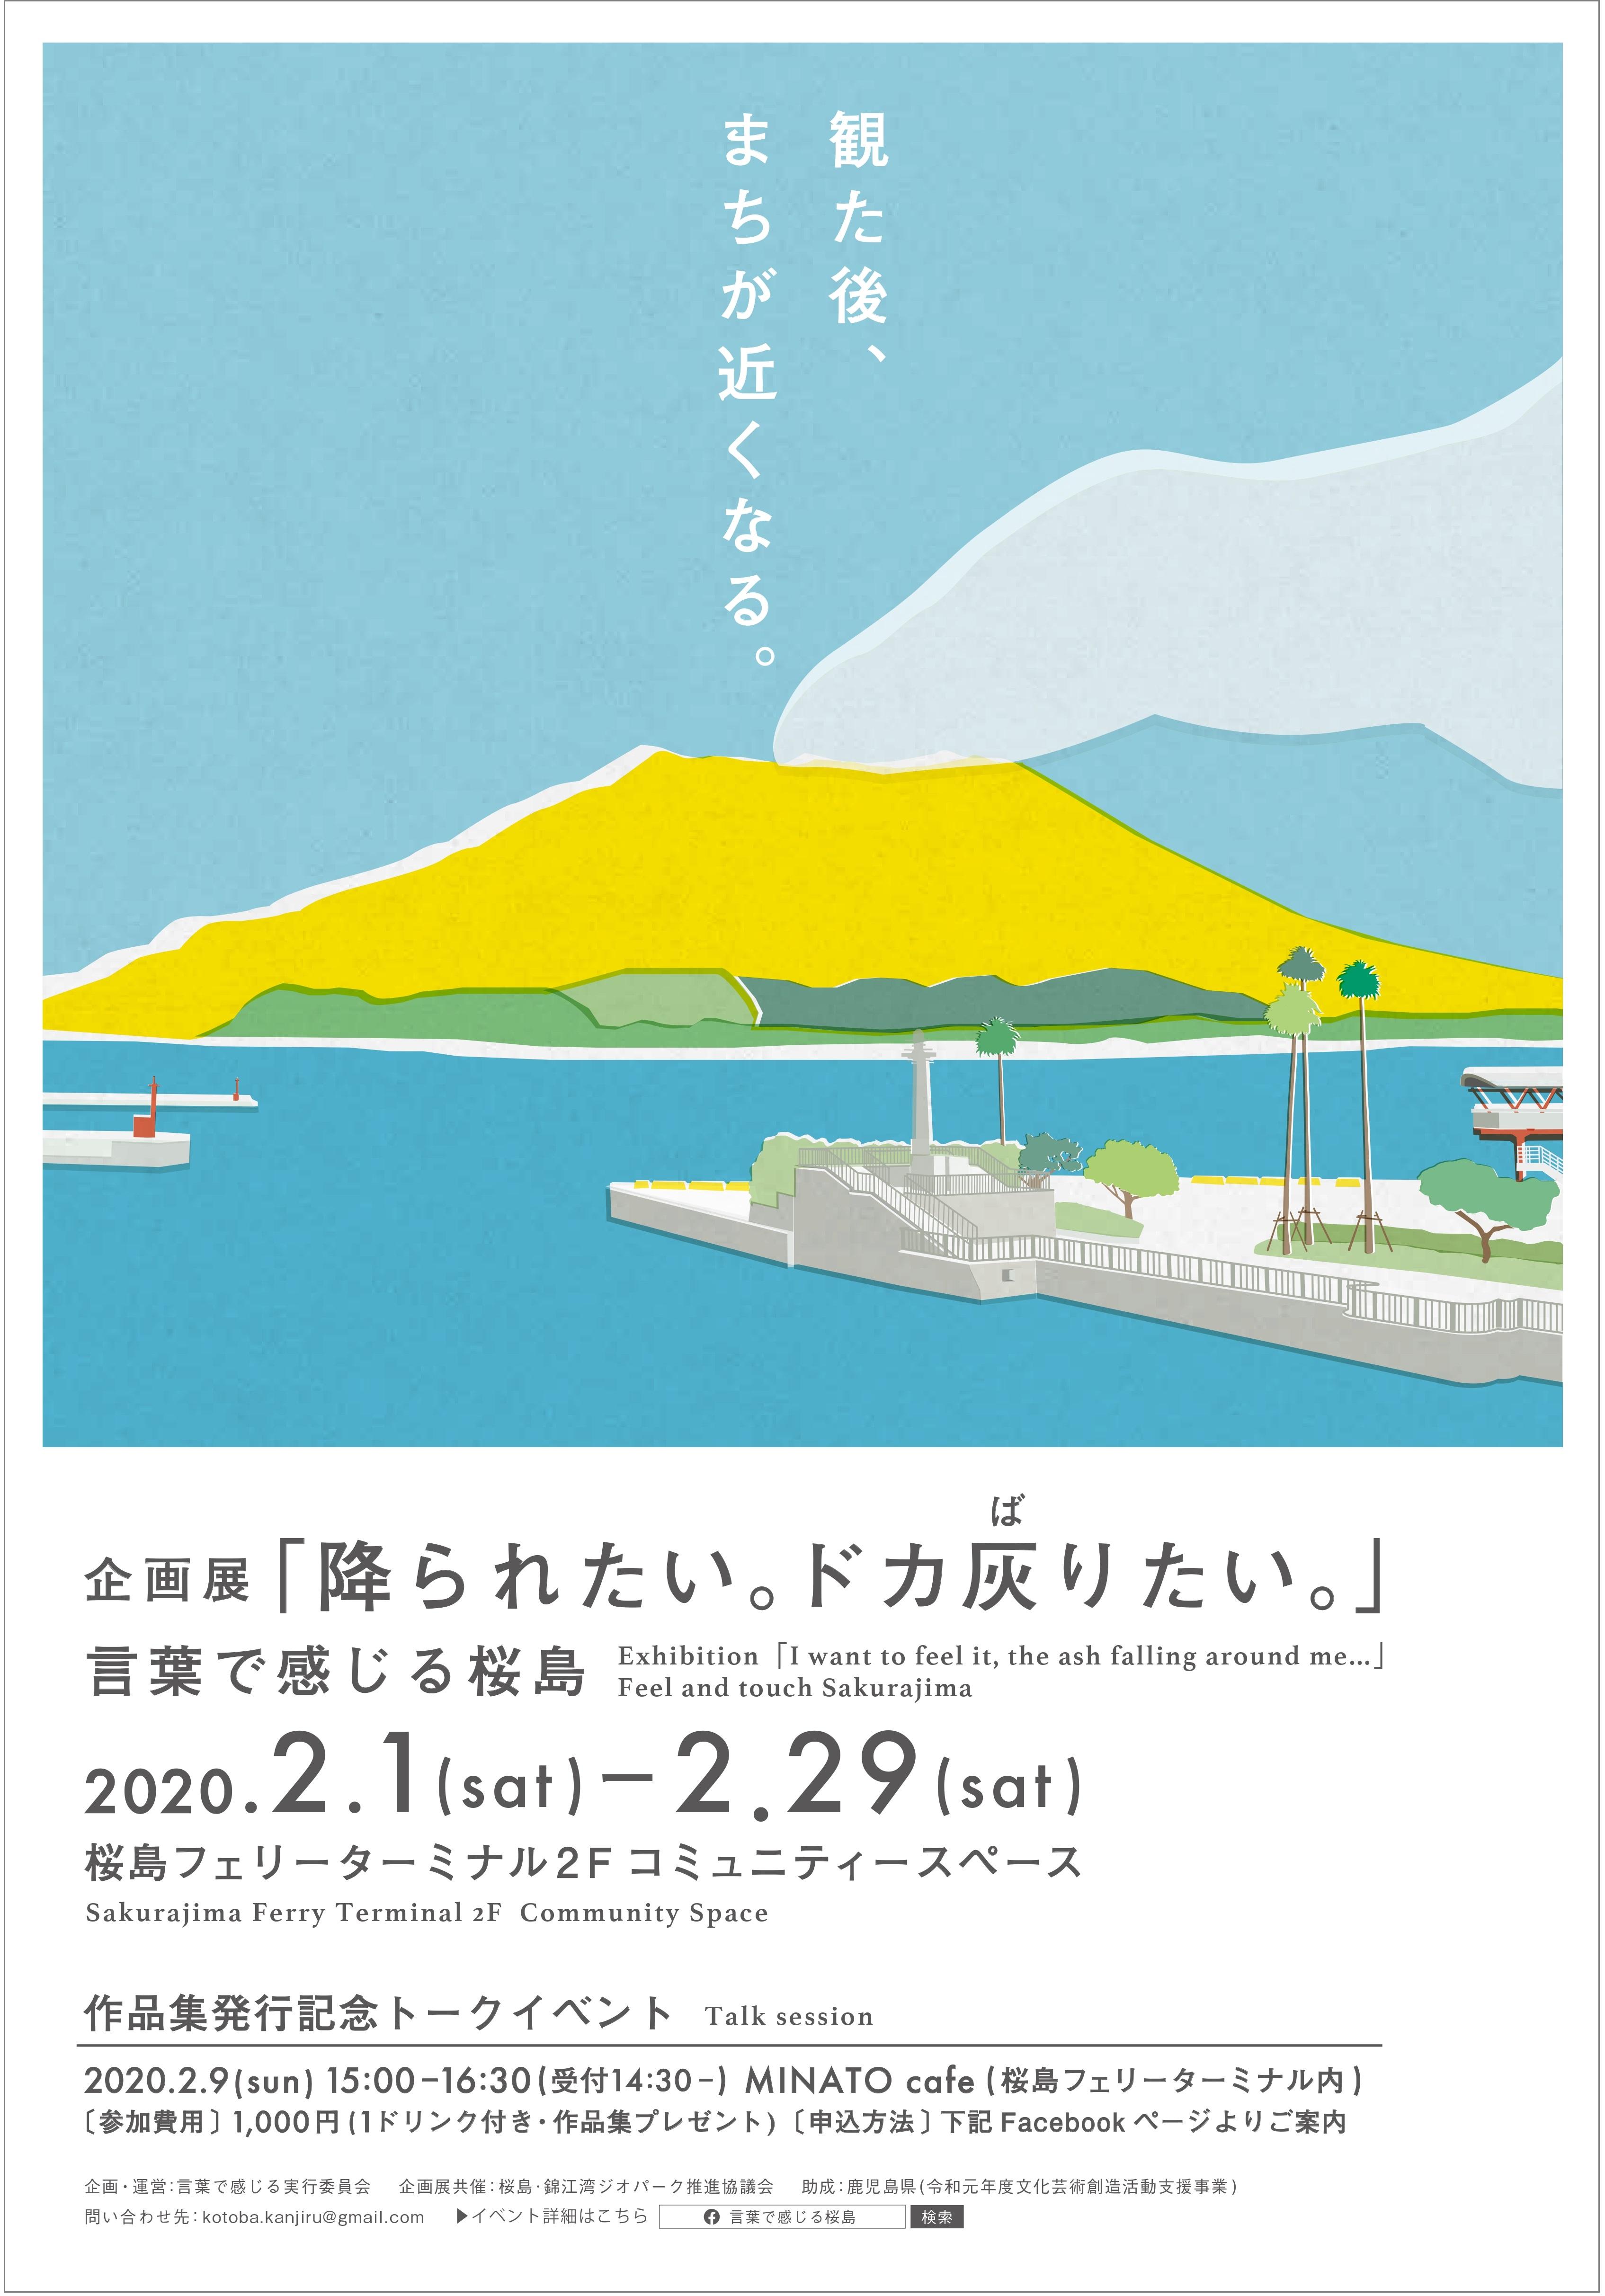 トークイベント「降られたい。ドカ灰りたい」~言葉で感じる桜島~ at MINATOカフェ